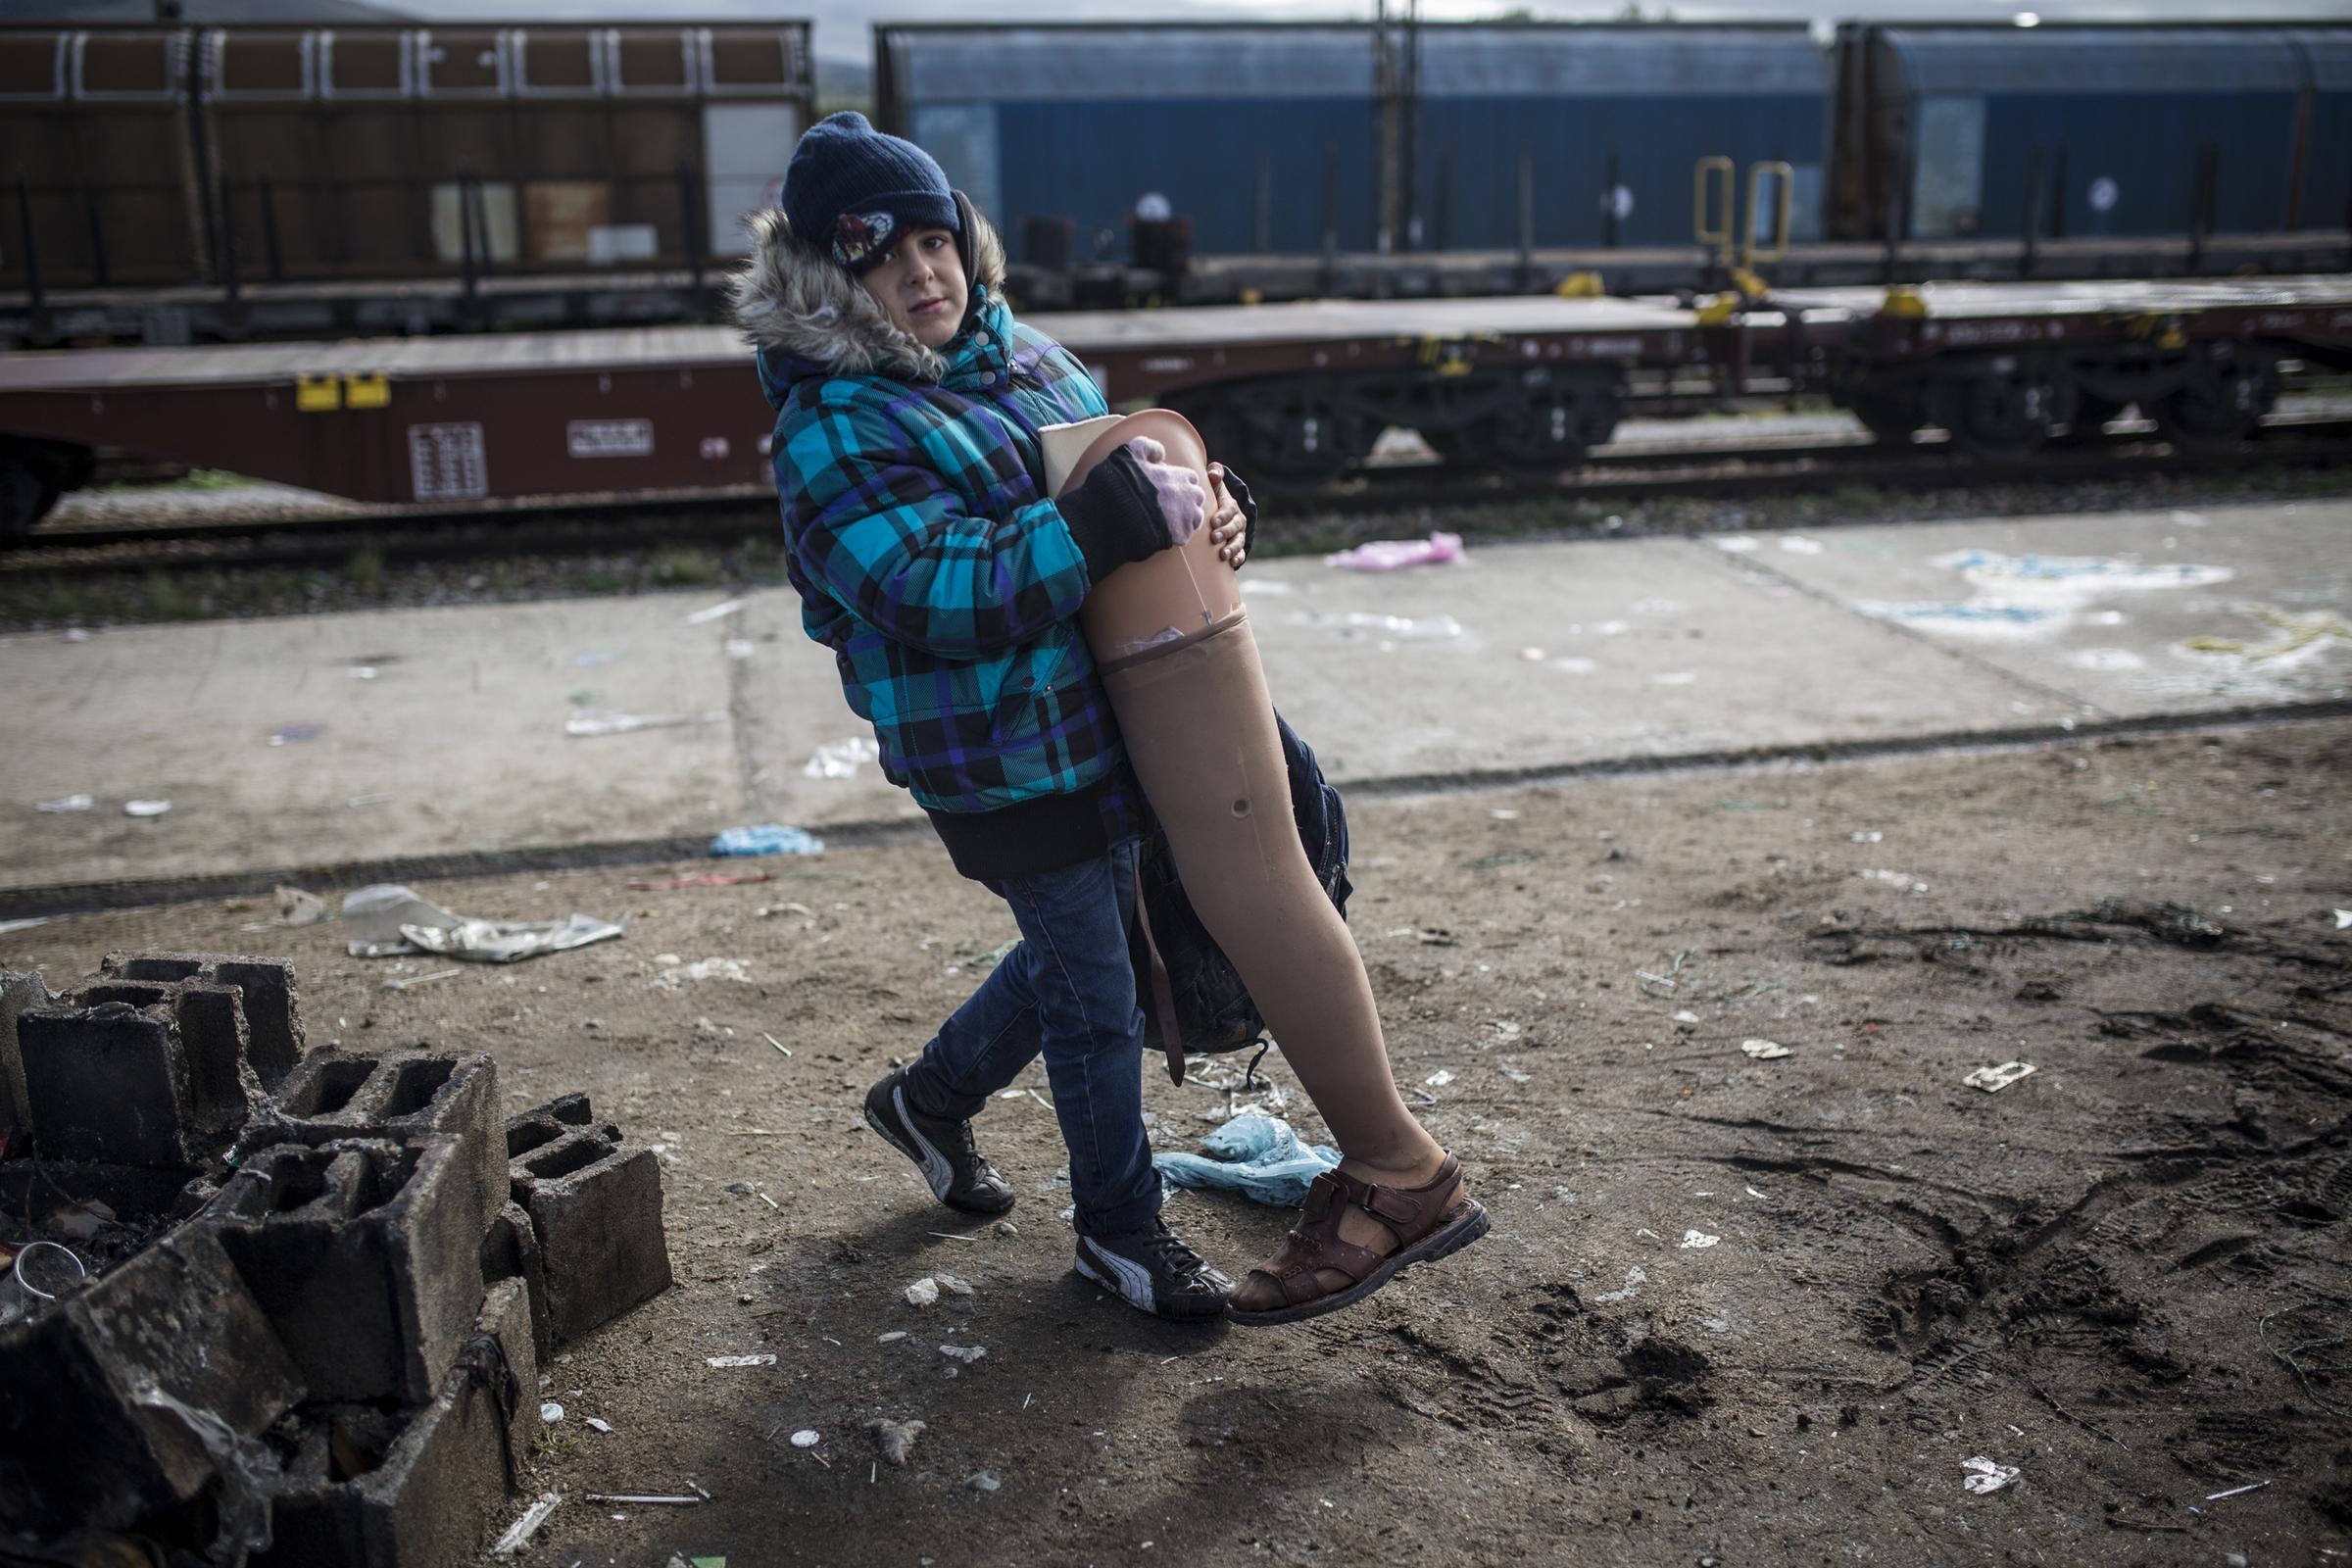 Le petit-fils de Bashar, également prénommé Bashar, est âgé de sept ans. Il porte la jambe prothétique de son grand-père.